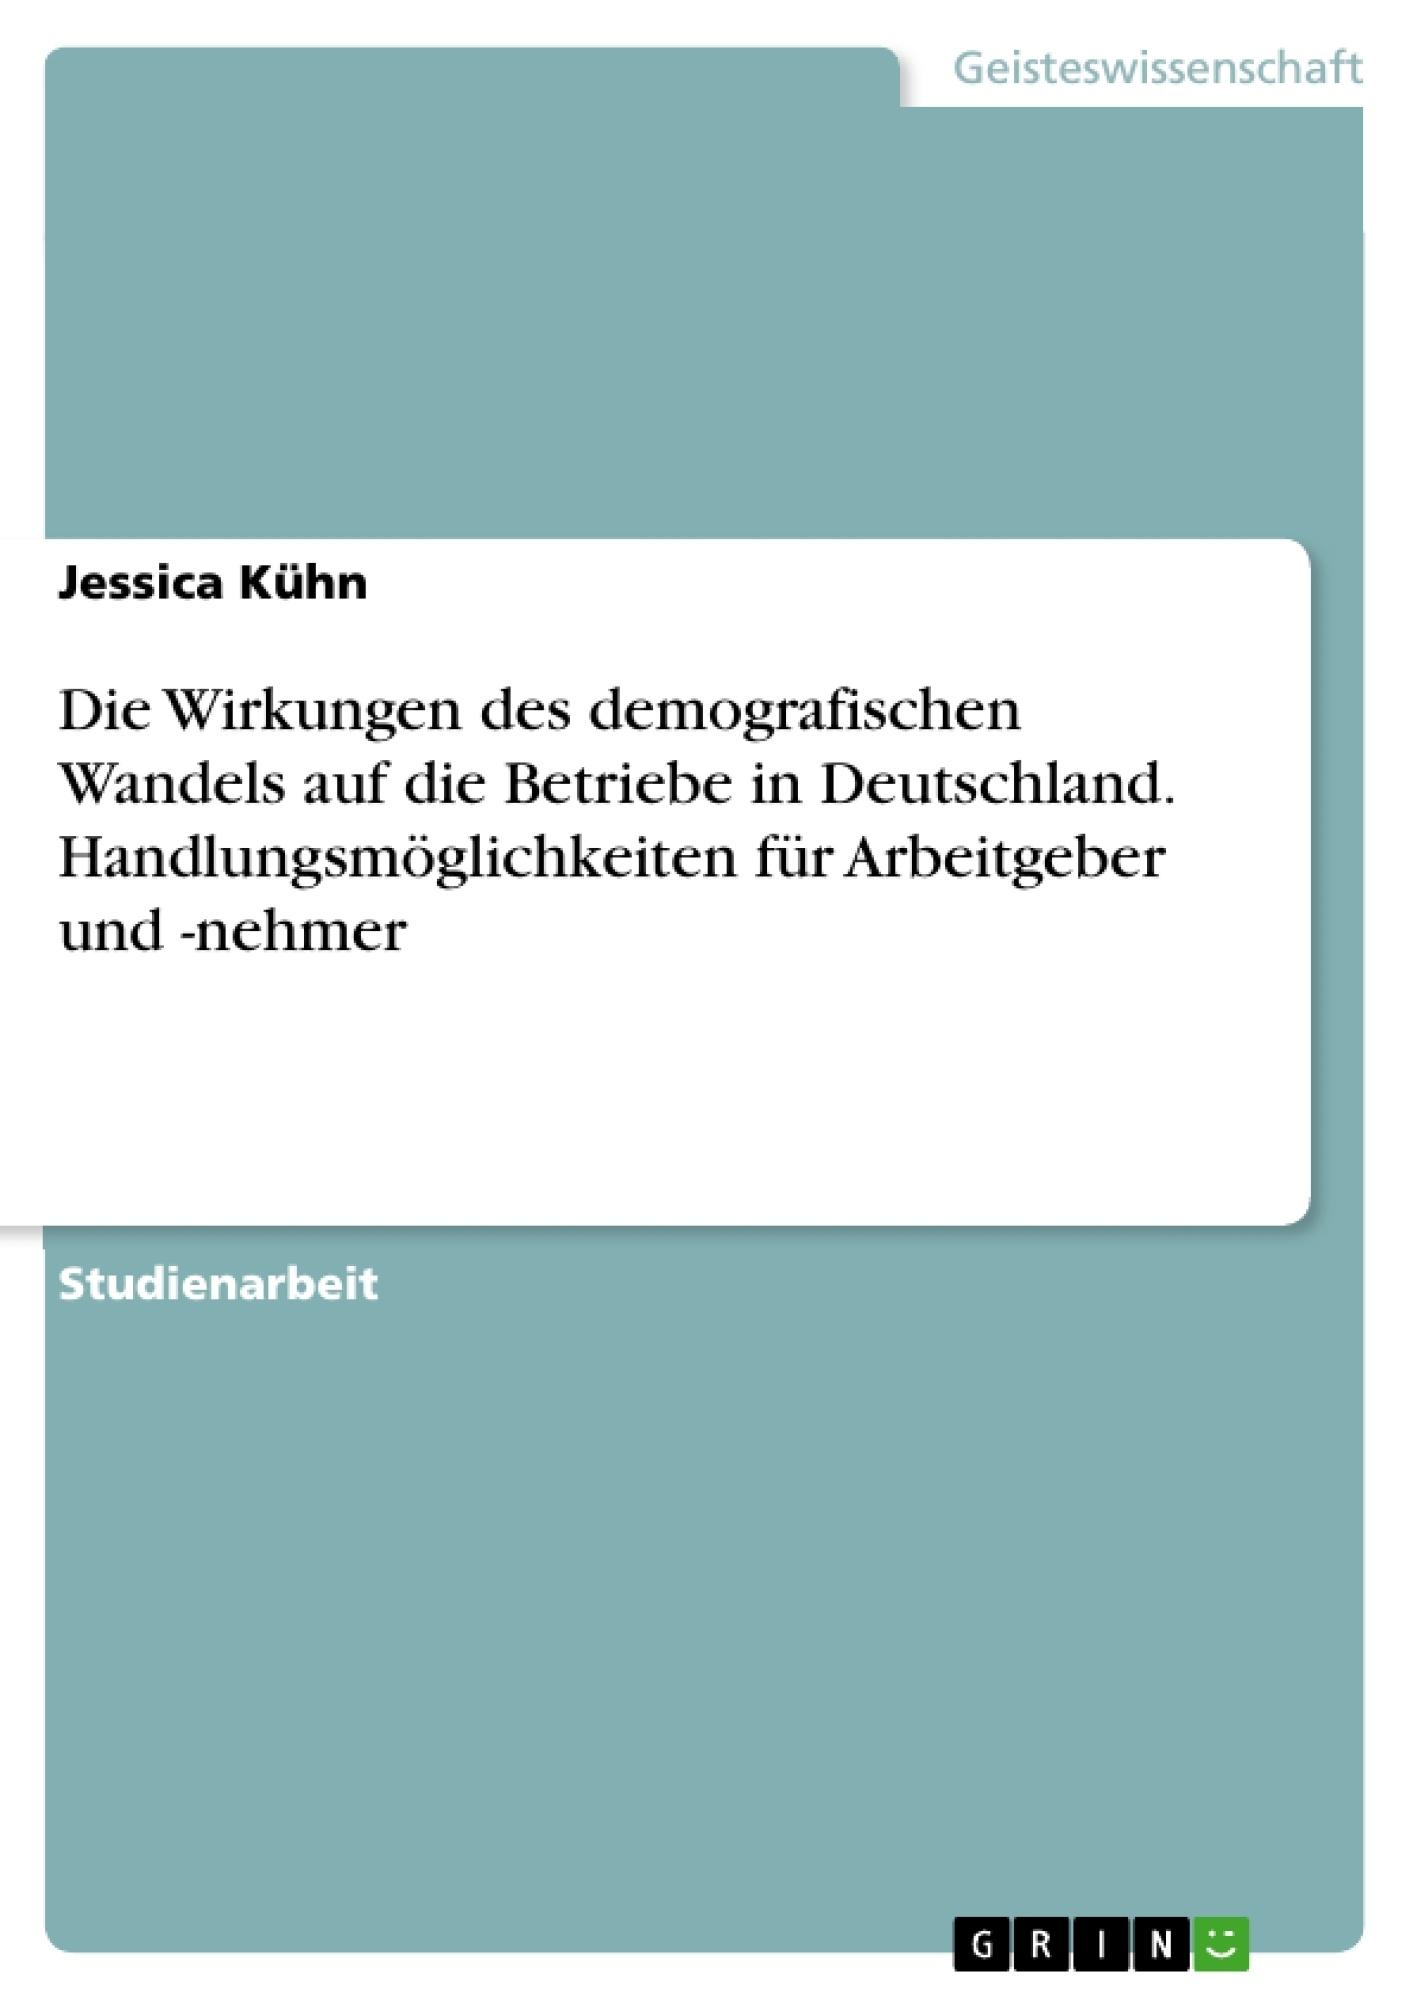 Titel: Die Wirkungen des demografischen Wandels  auf die Betriebe in Deutschland. Handlungsmöglichkeiten für Arbeitgeber und -nehmer